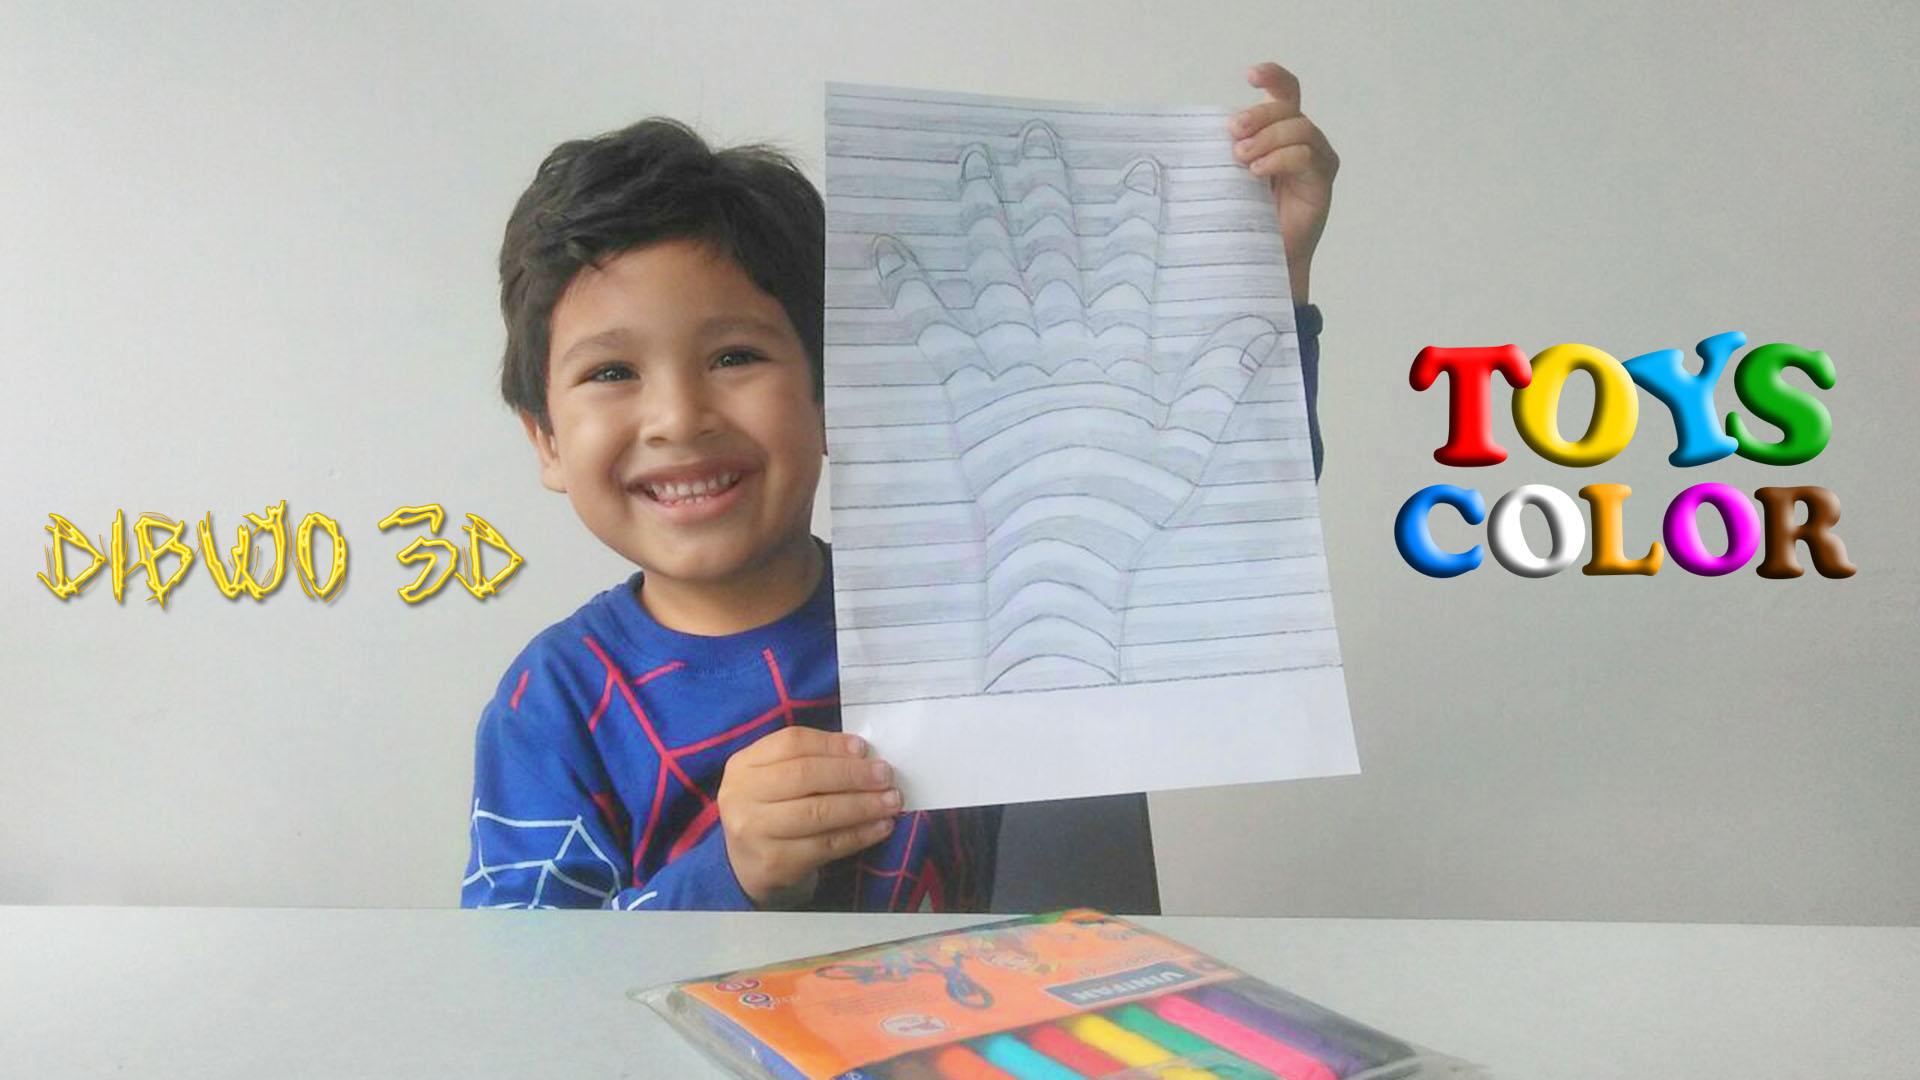 Como Dibujar una Mano en 3D – Dibuja y Colorea una Mano en 3D – Dibujos para Niños – Learn Colors – ToysColor